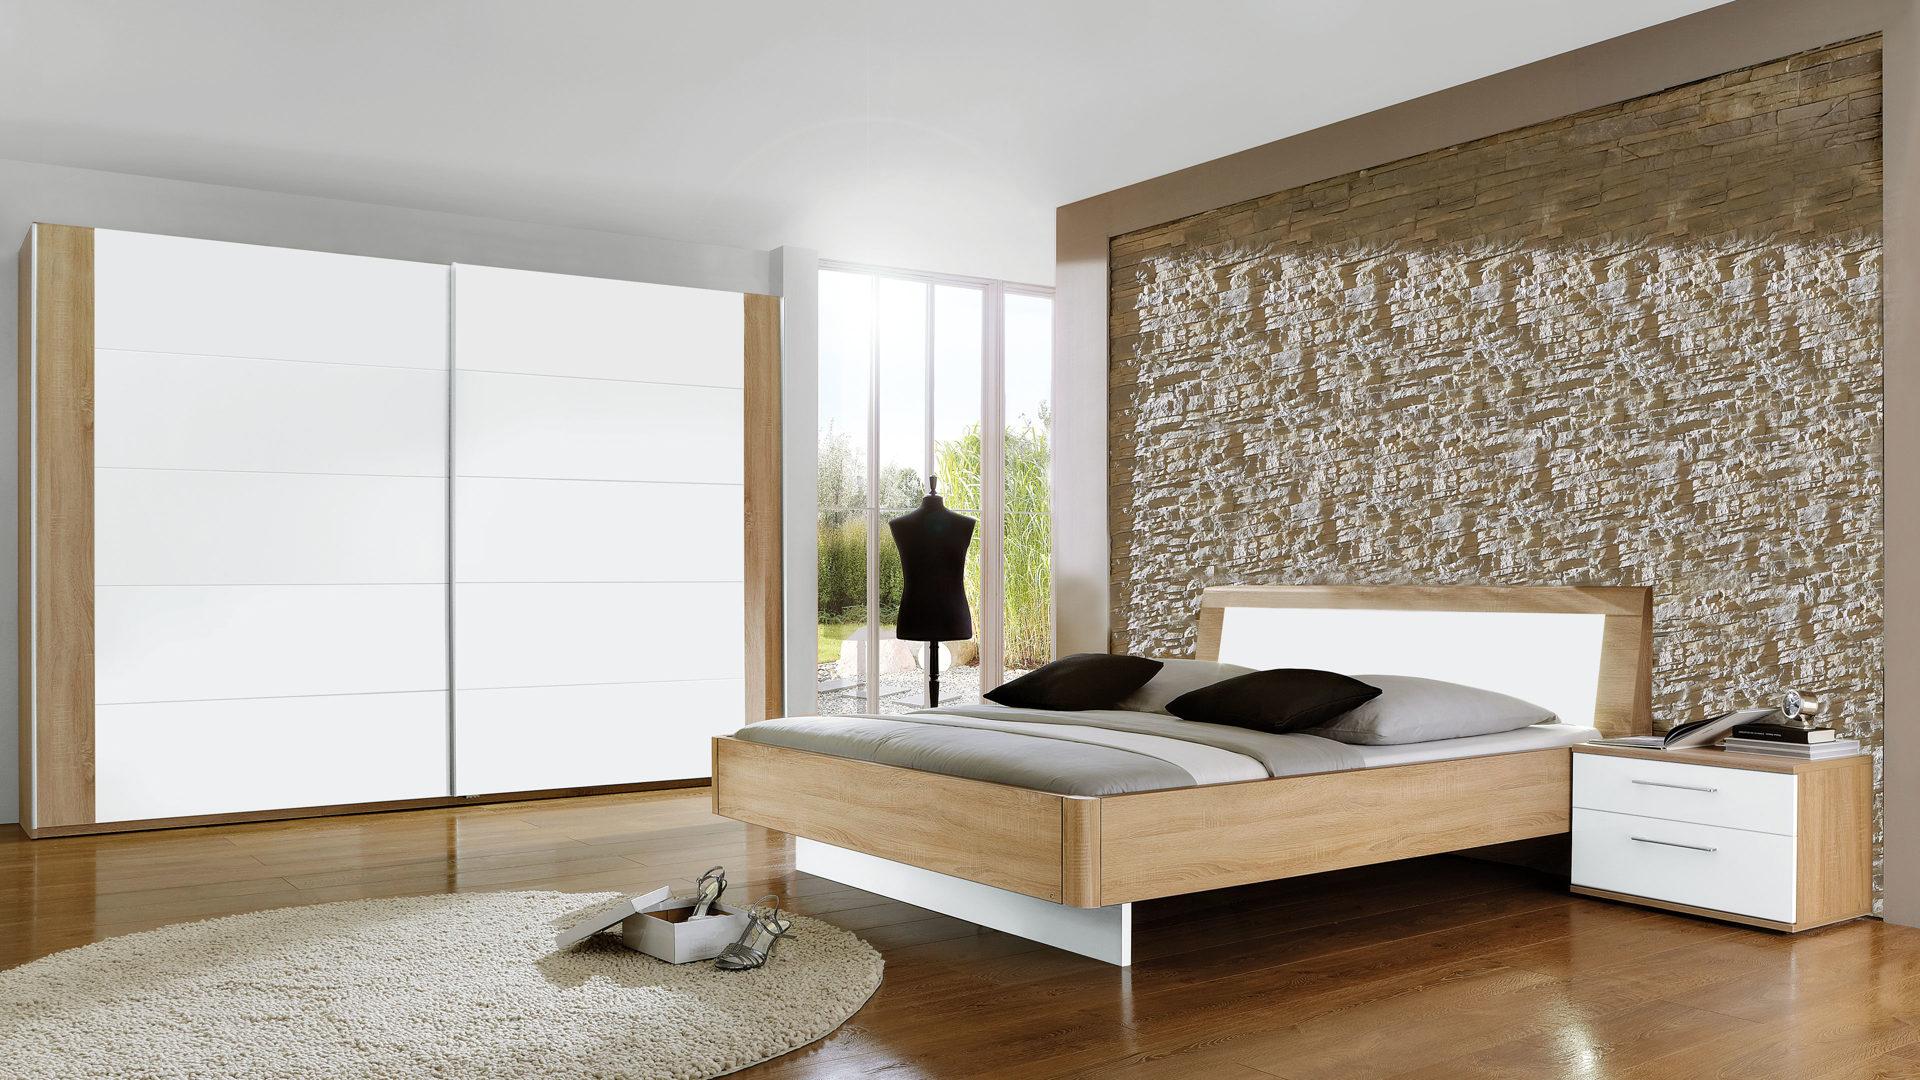 modernes PARTNERRING COLLECTION Schlafzimmer , weiße & Macao eichefarbene  Oberflächen - vierteilig, Liegefläche ca. 180 x 200